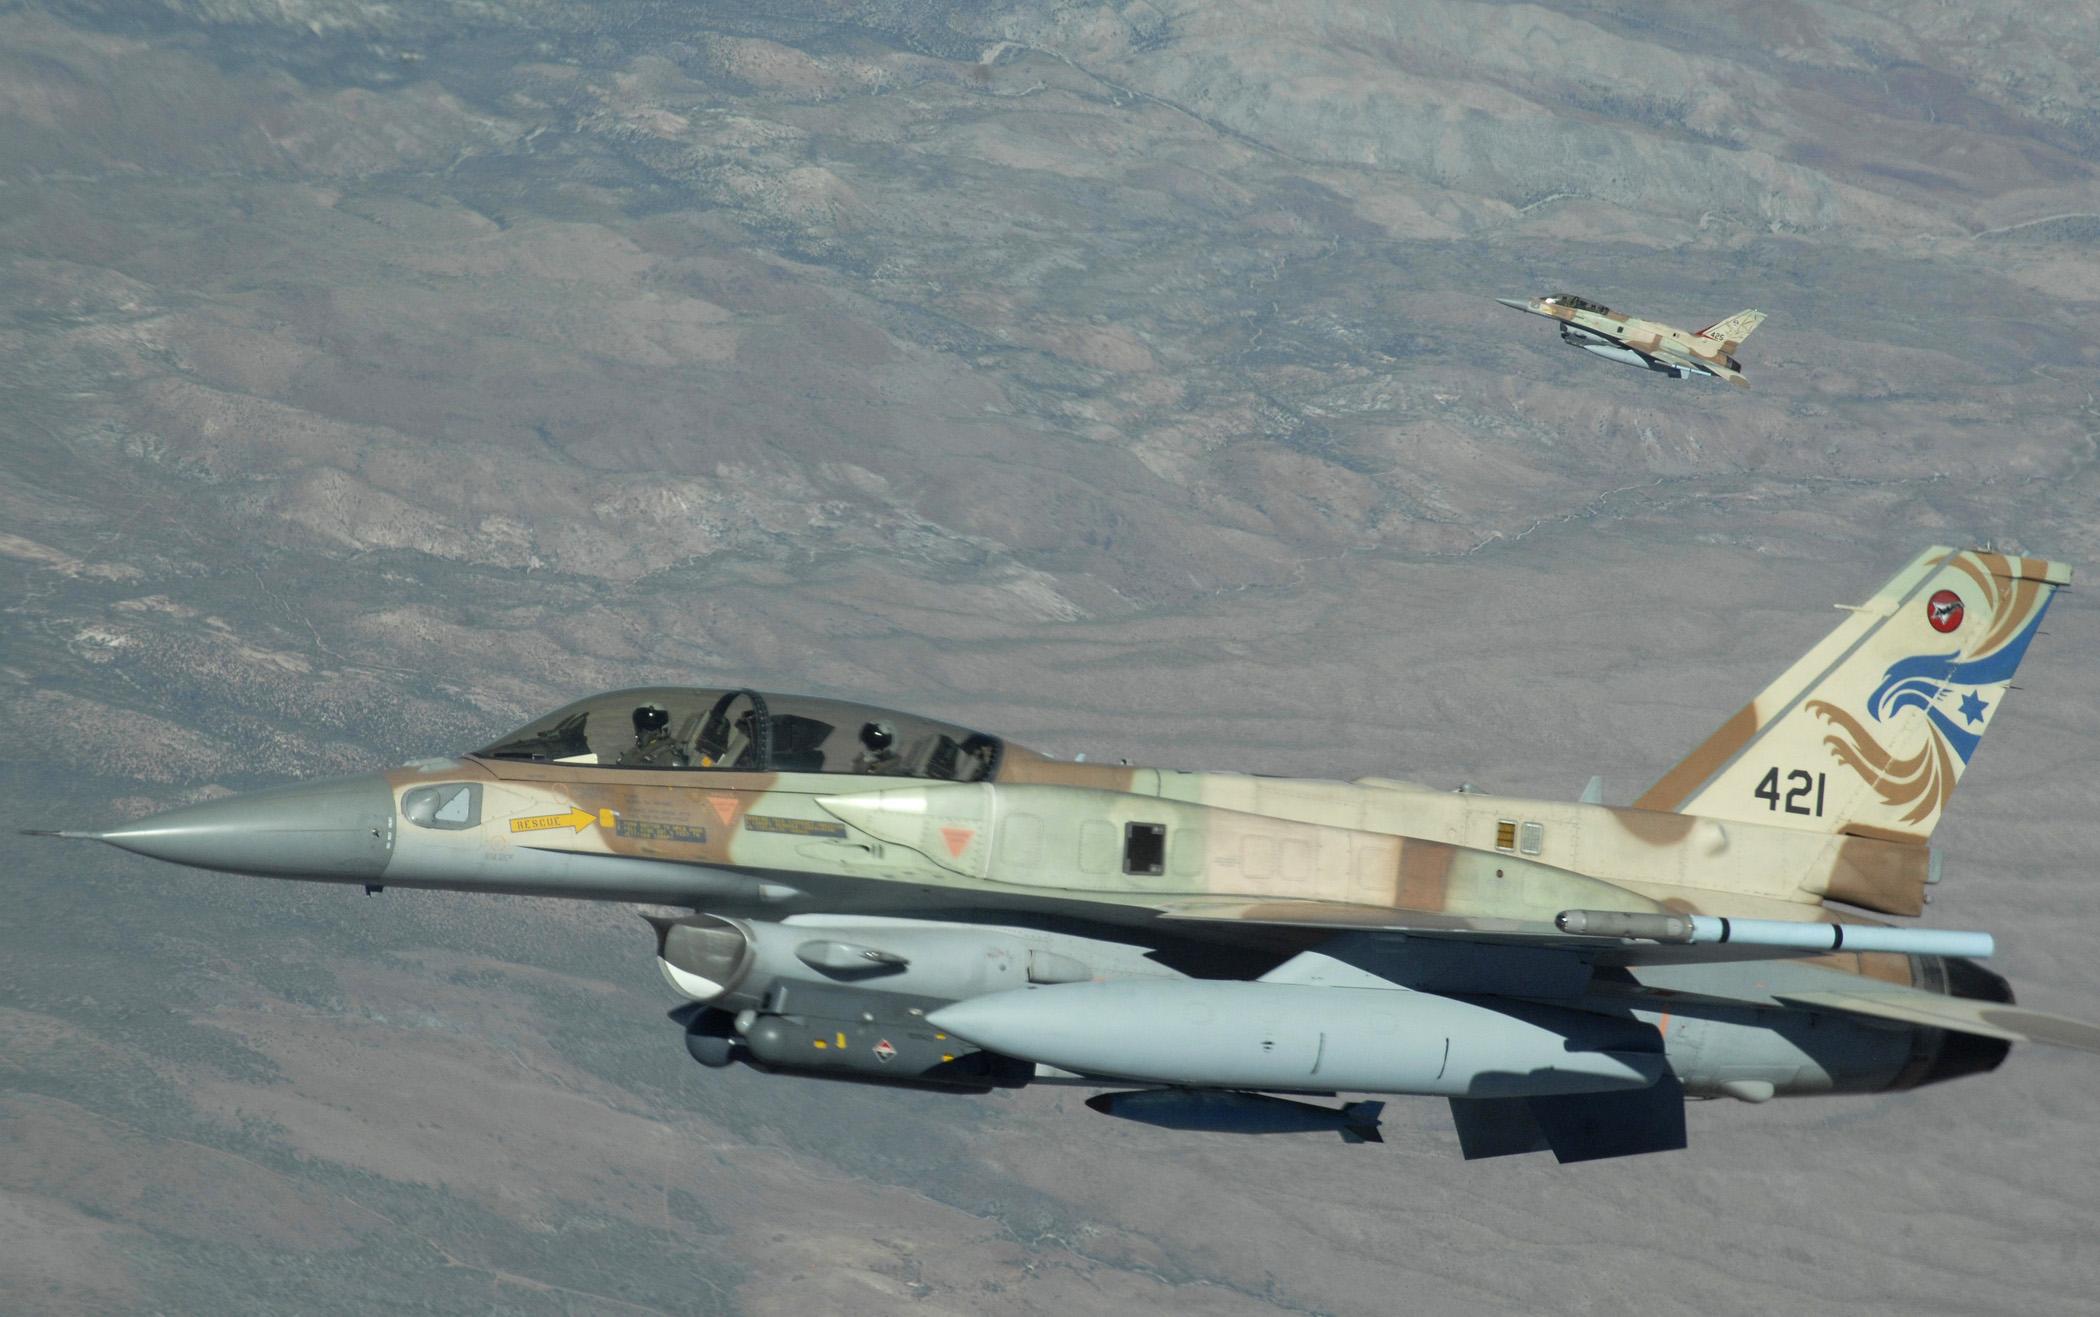 Израиль запустил поаэропорту около Дамаска три ракеты «земля-земля»